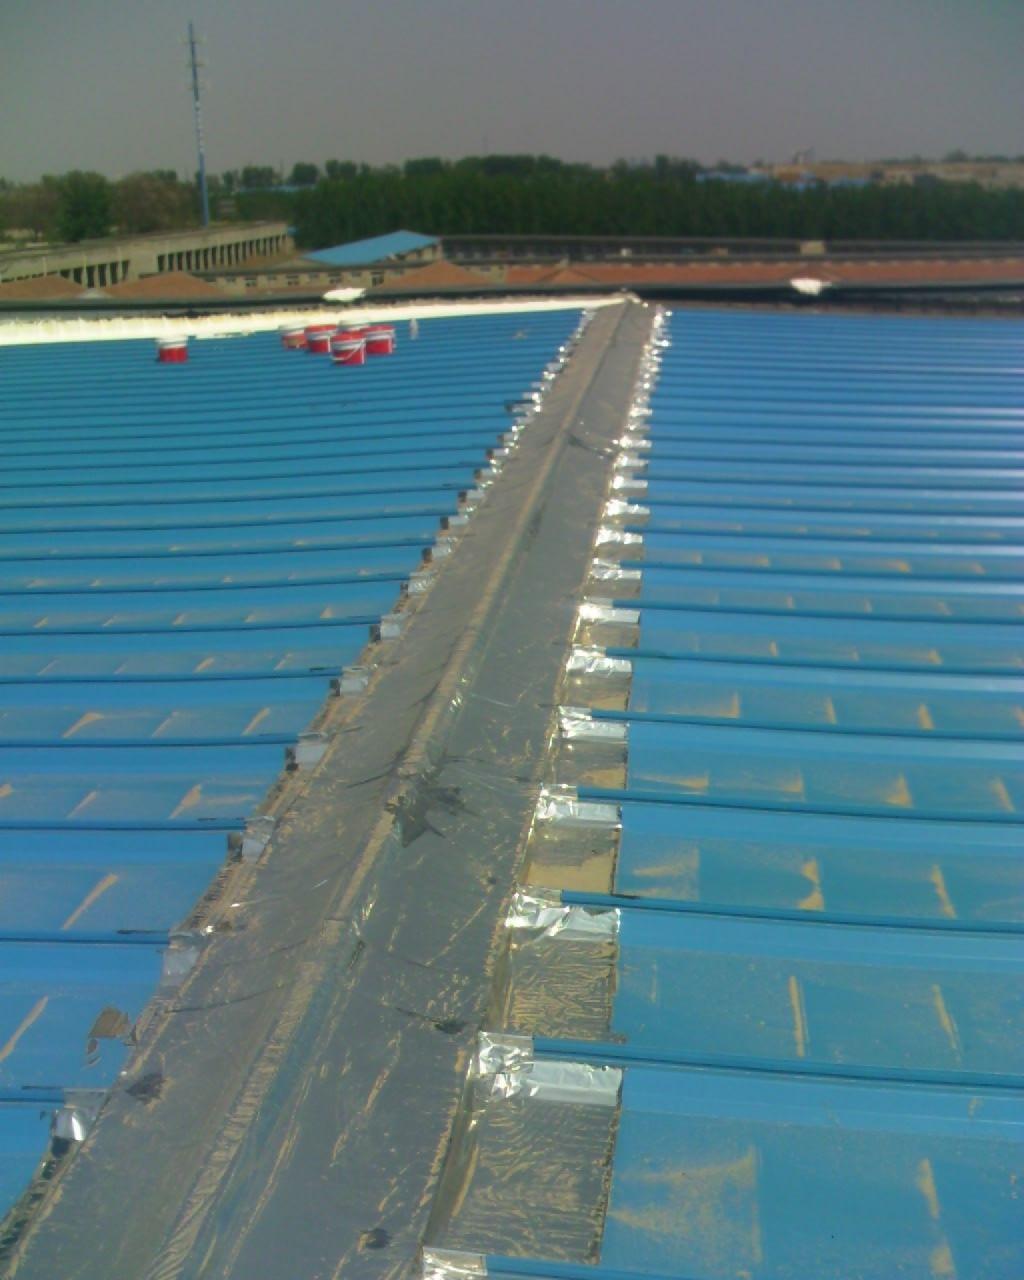 彩钢板金属屋面防水专用涂料